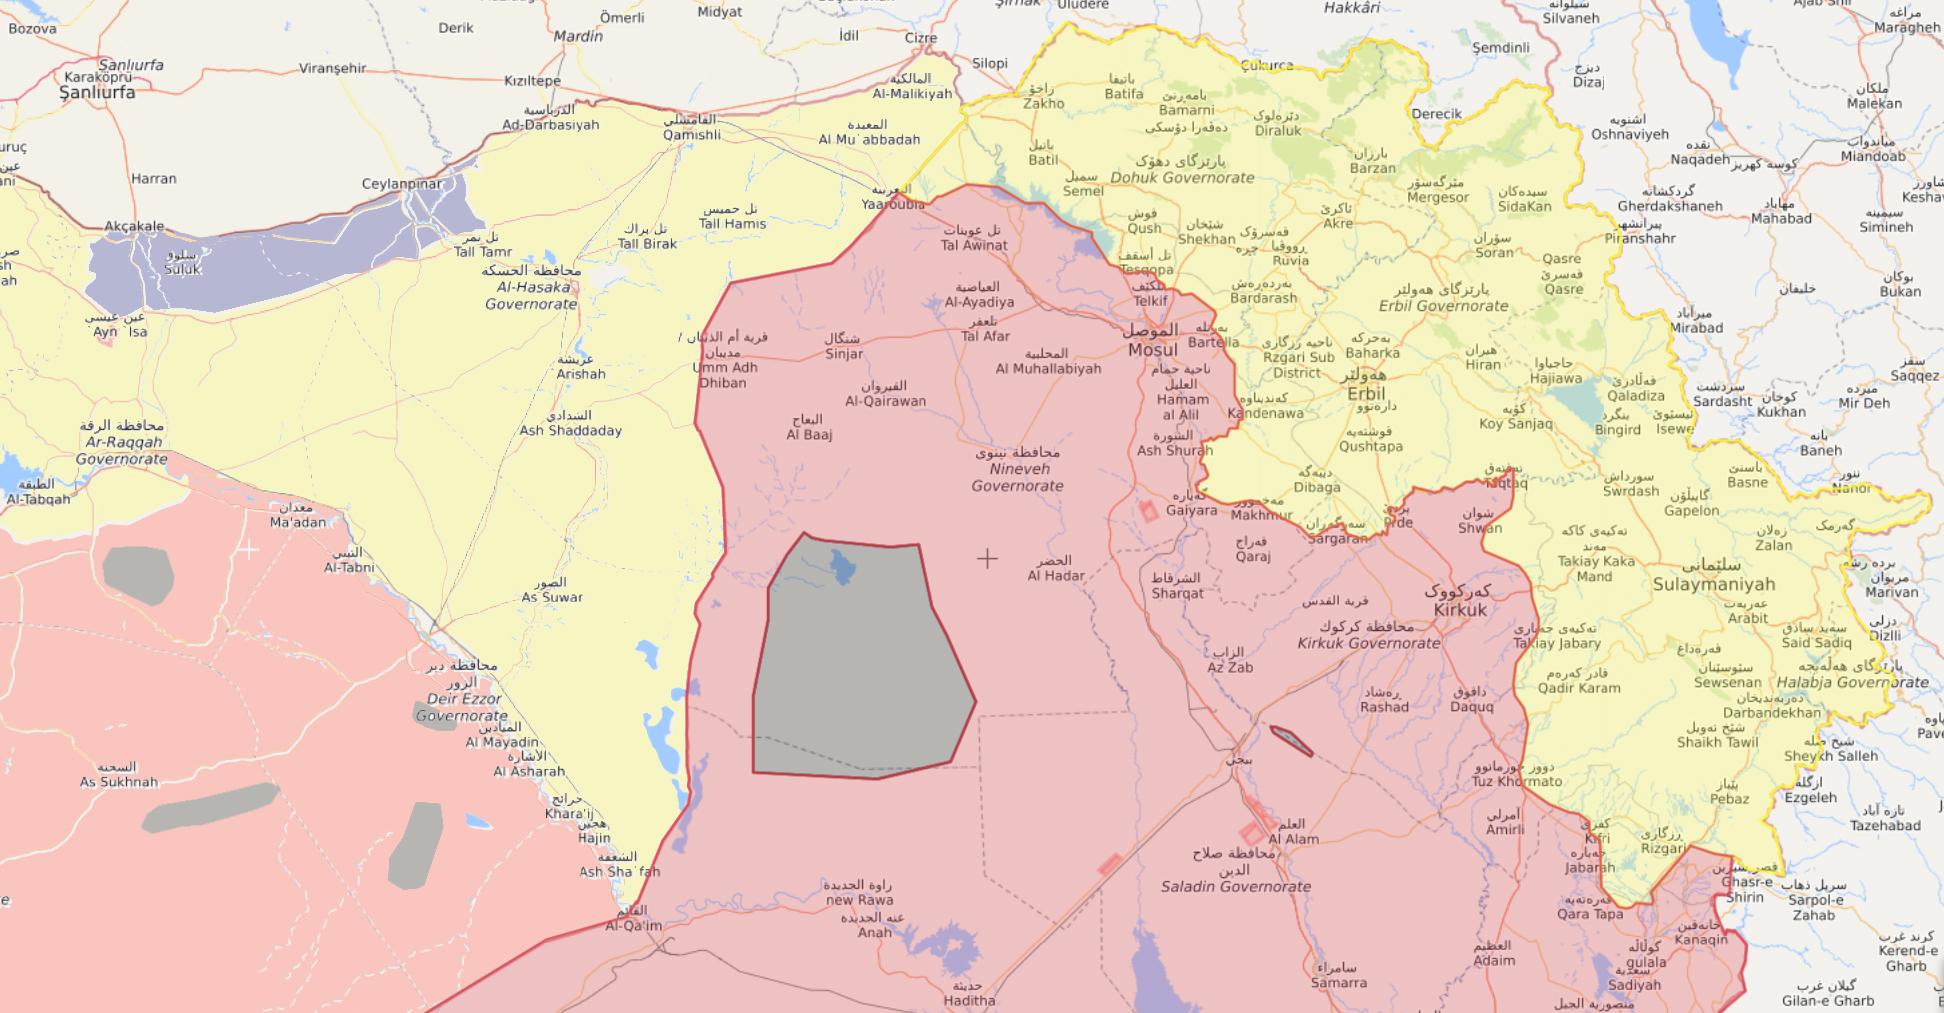 خريطة النفوذ على الحدود السورية العراقية حيث يظهر اللون الأصفر نفوذ القوات الكردية على جانبي الحدود - 24 من كانون الثاني 2020 (تعديل عنب بلدي/livemap)